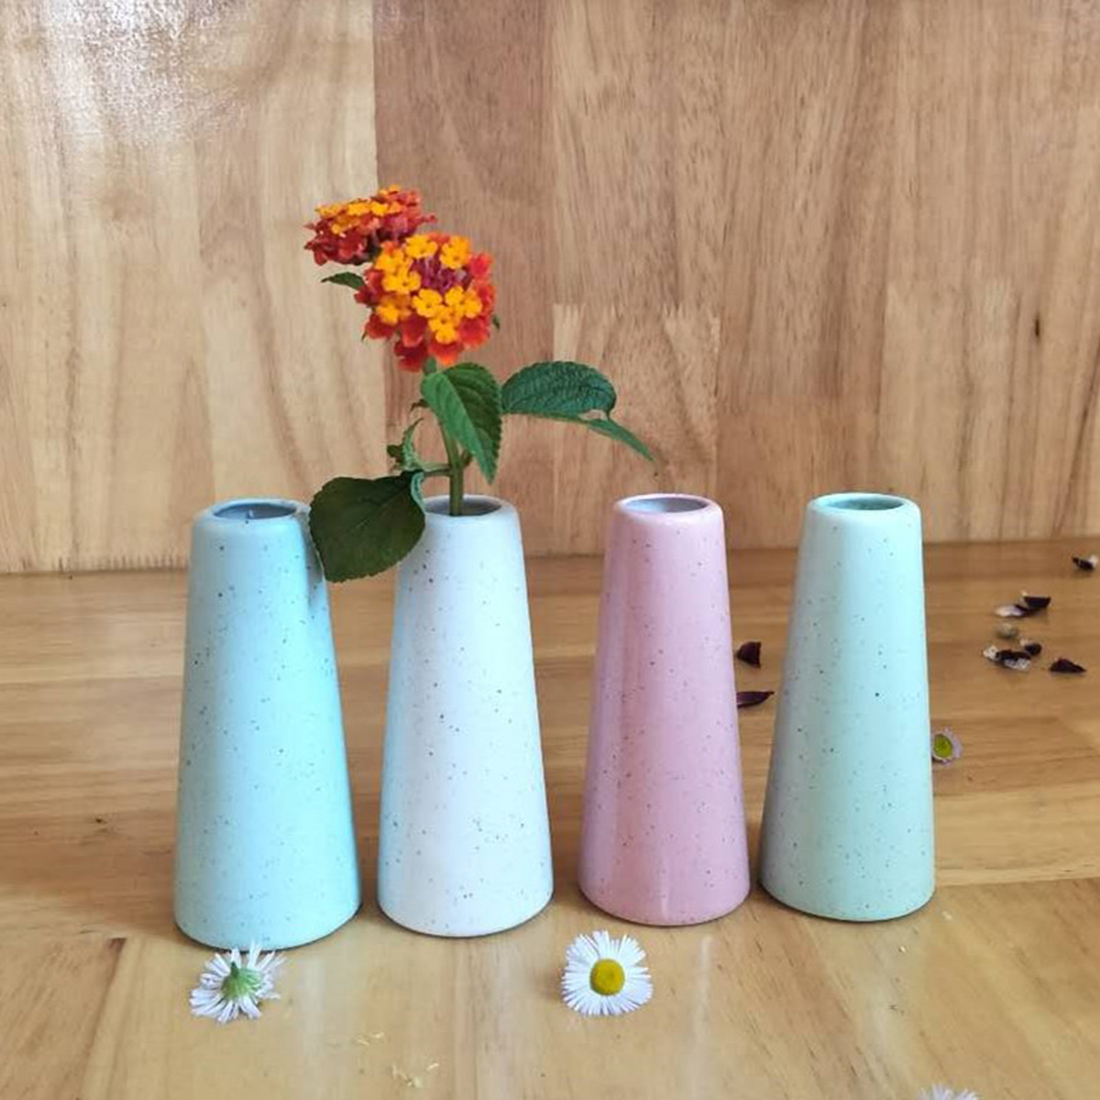 Цветок Вазы для дома мини Керамика настольная ваза для цветов дома номер исследование Прихожая офиса Свадебный декор розовый Skyblue белый